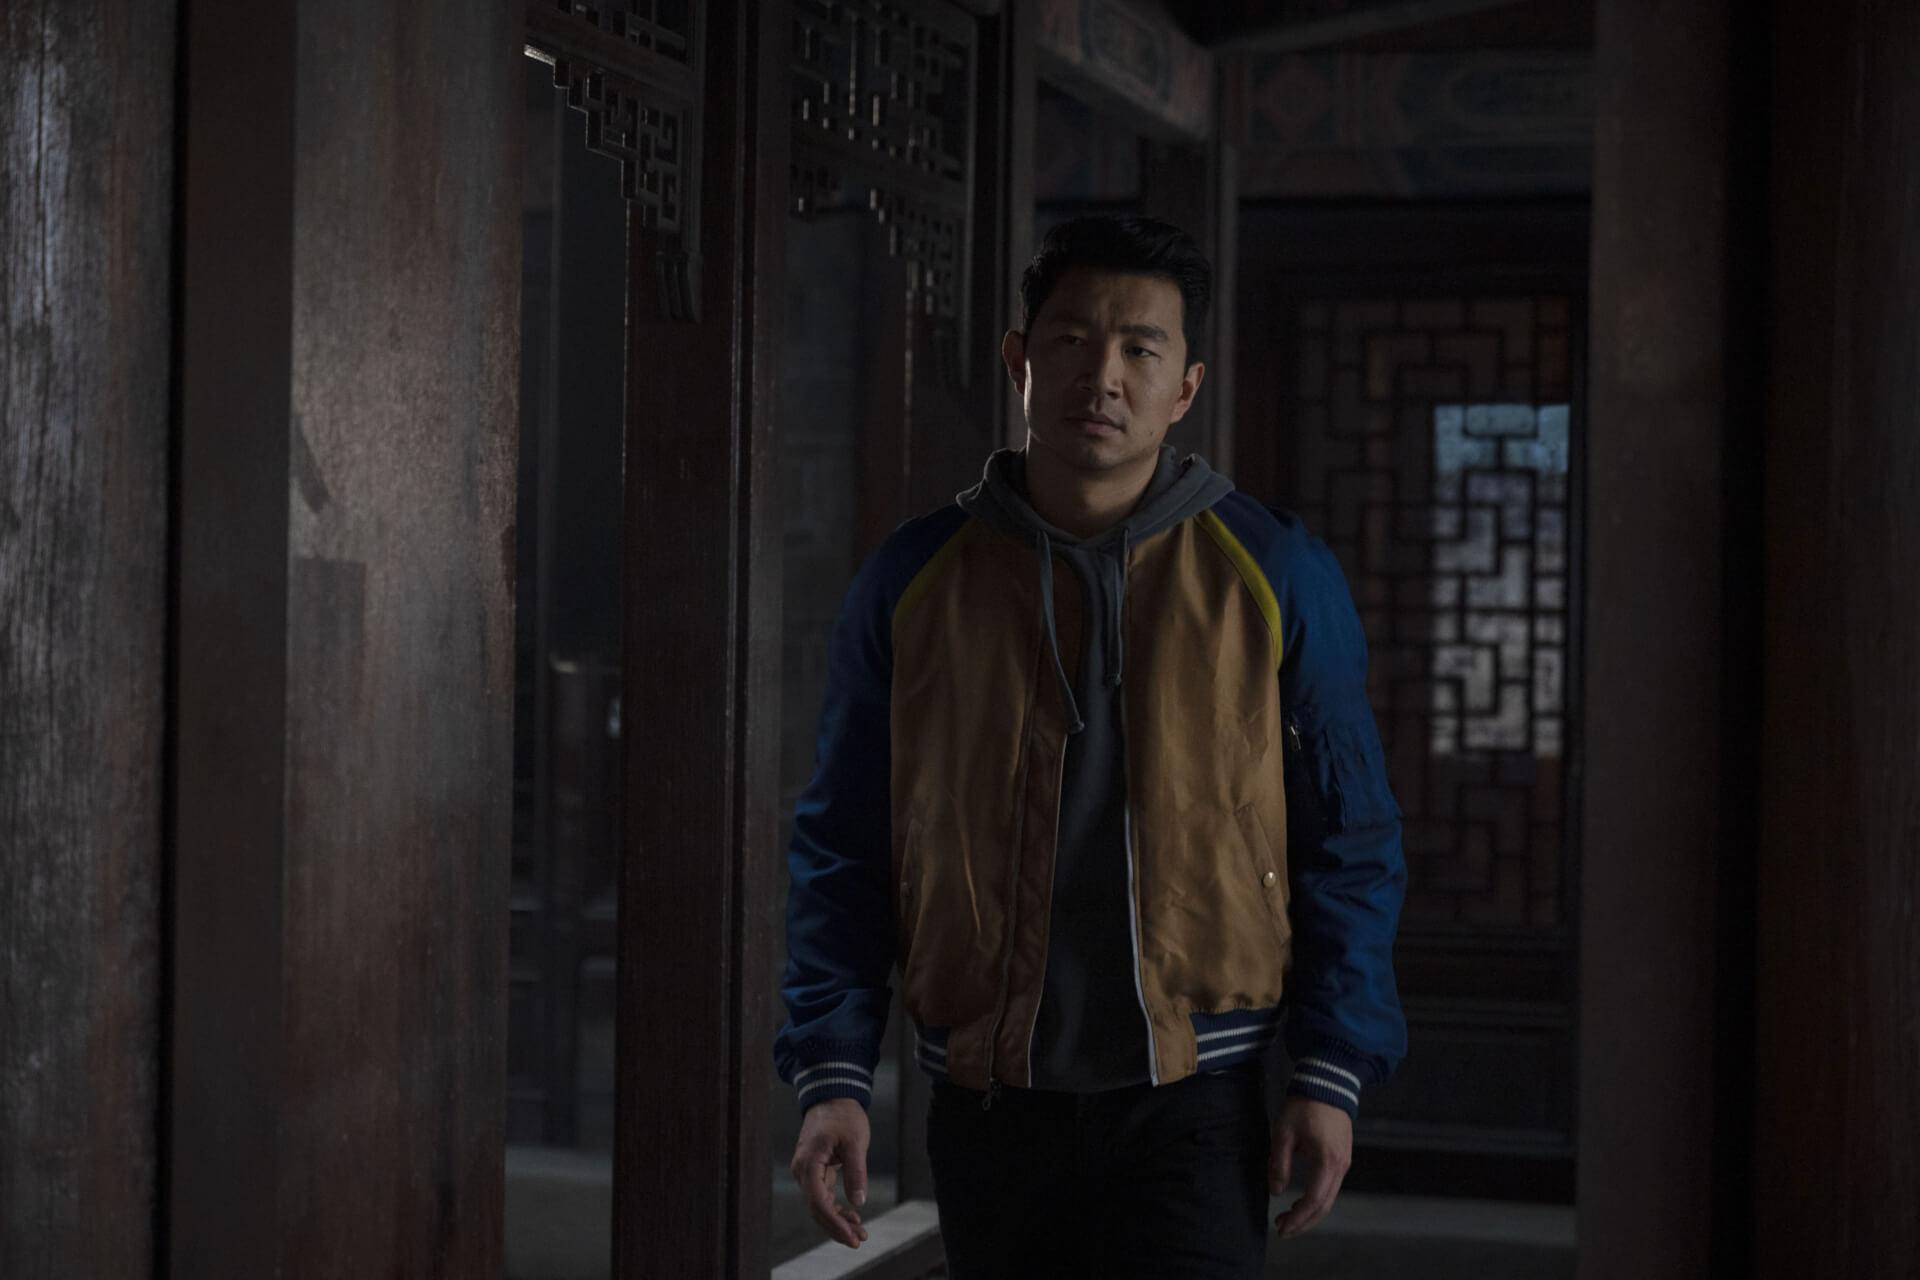 Na última semana foi lançado Shang-Chi, e muitos fãs ainda não assistiram, mas já temos uma possível data para o Disney+. Confira!